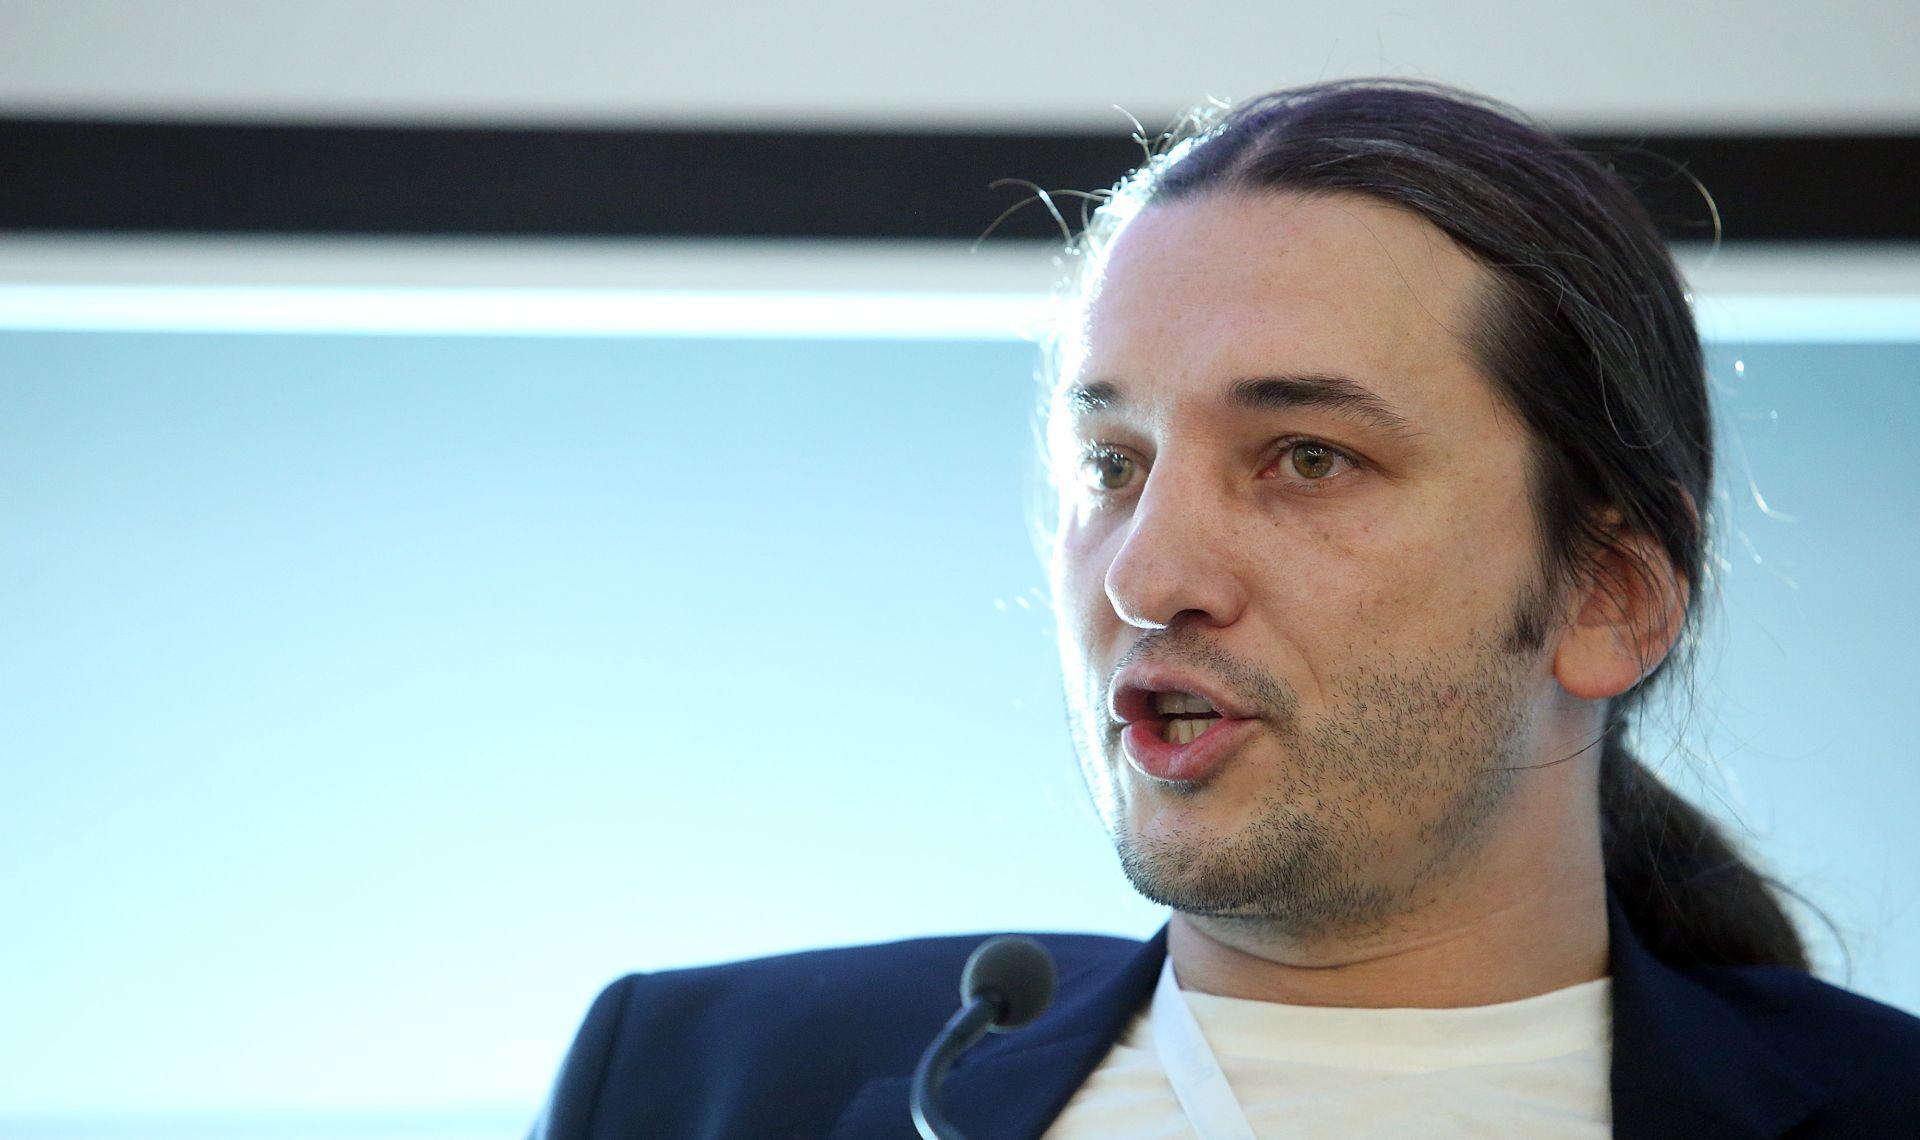 Član Gospodarskog vijeća Predsjednice pozvao startupove da osnivaju tvrtke u inozemstvu